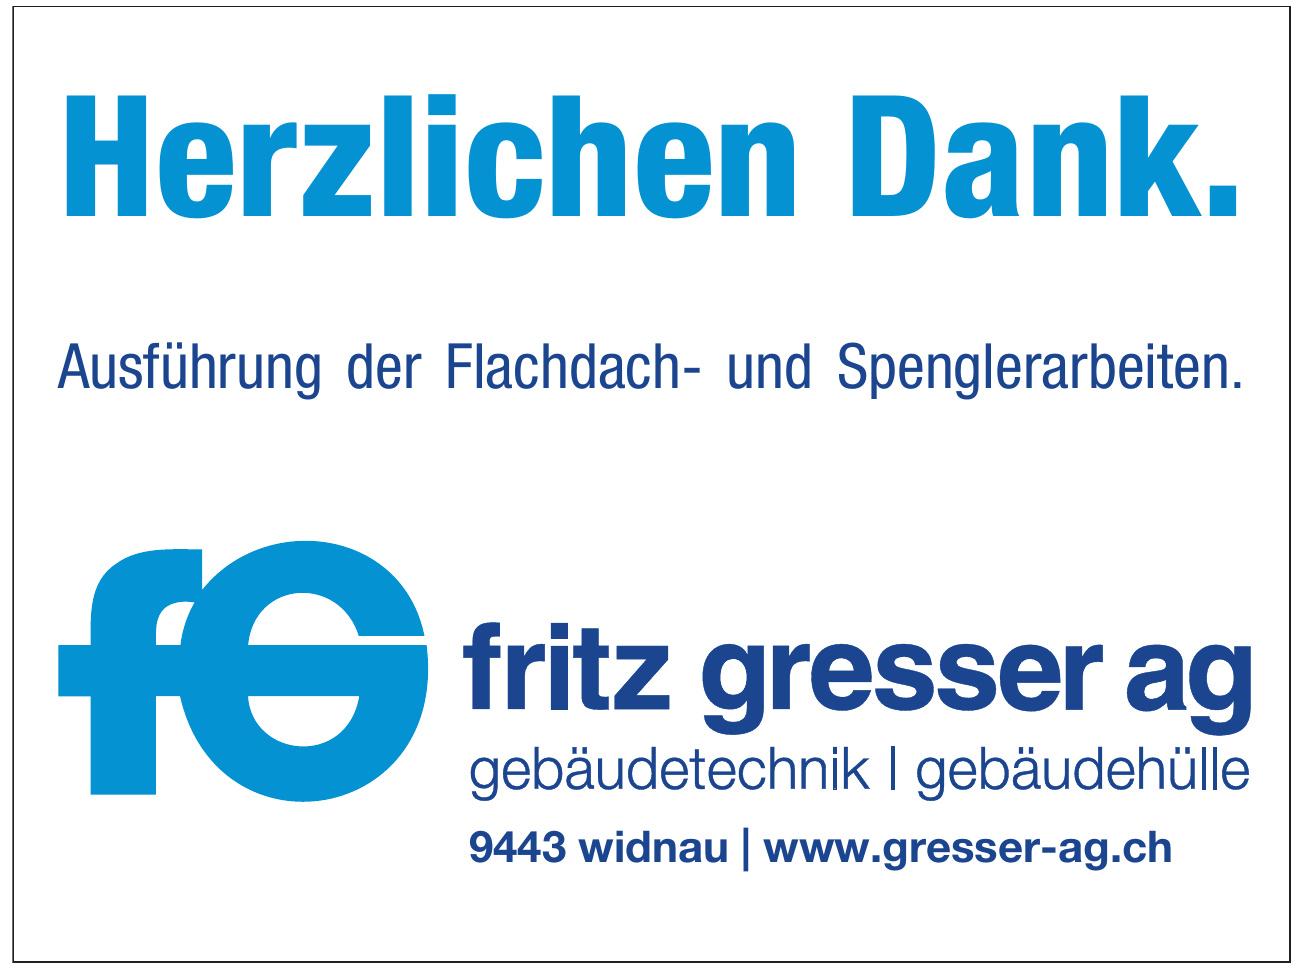 fe Fritz Gresser AG